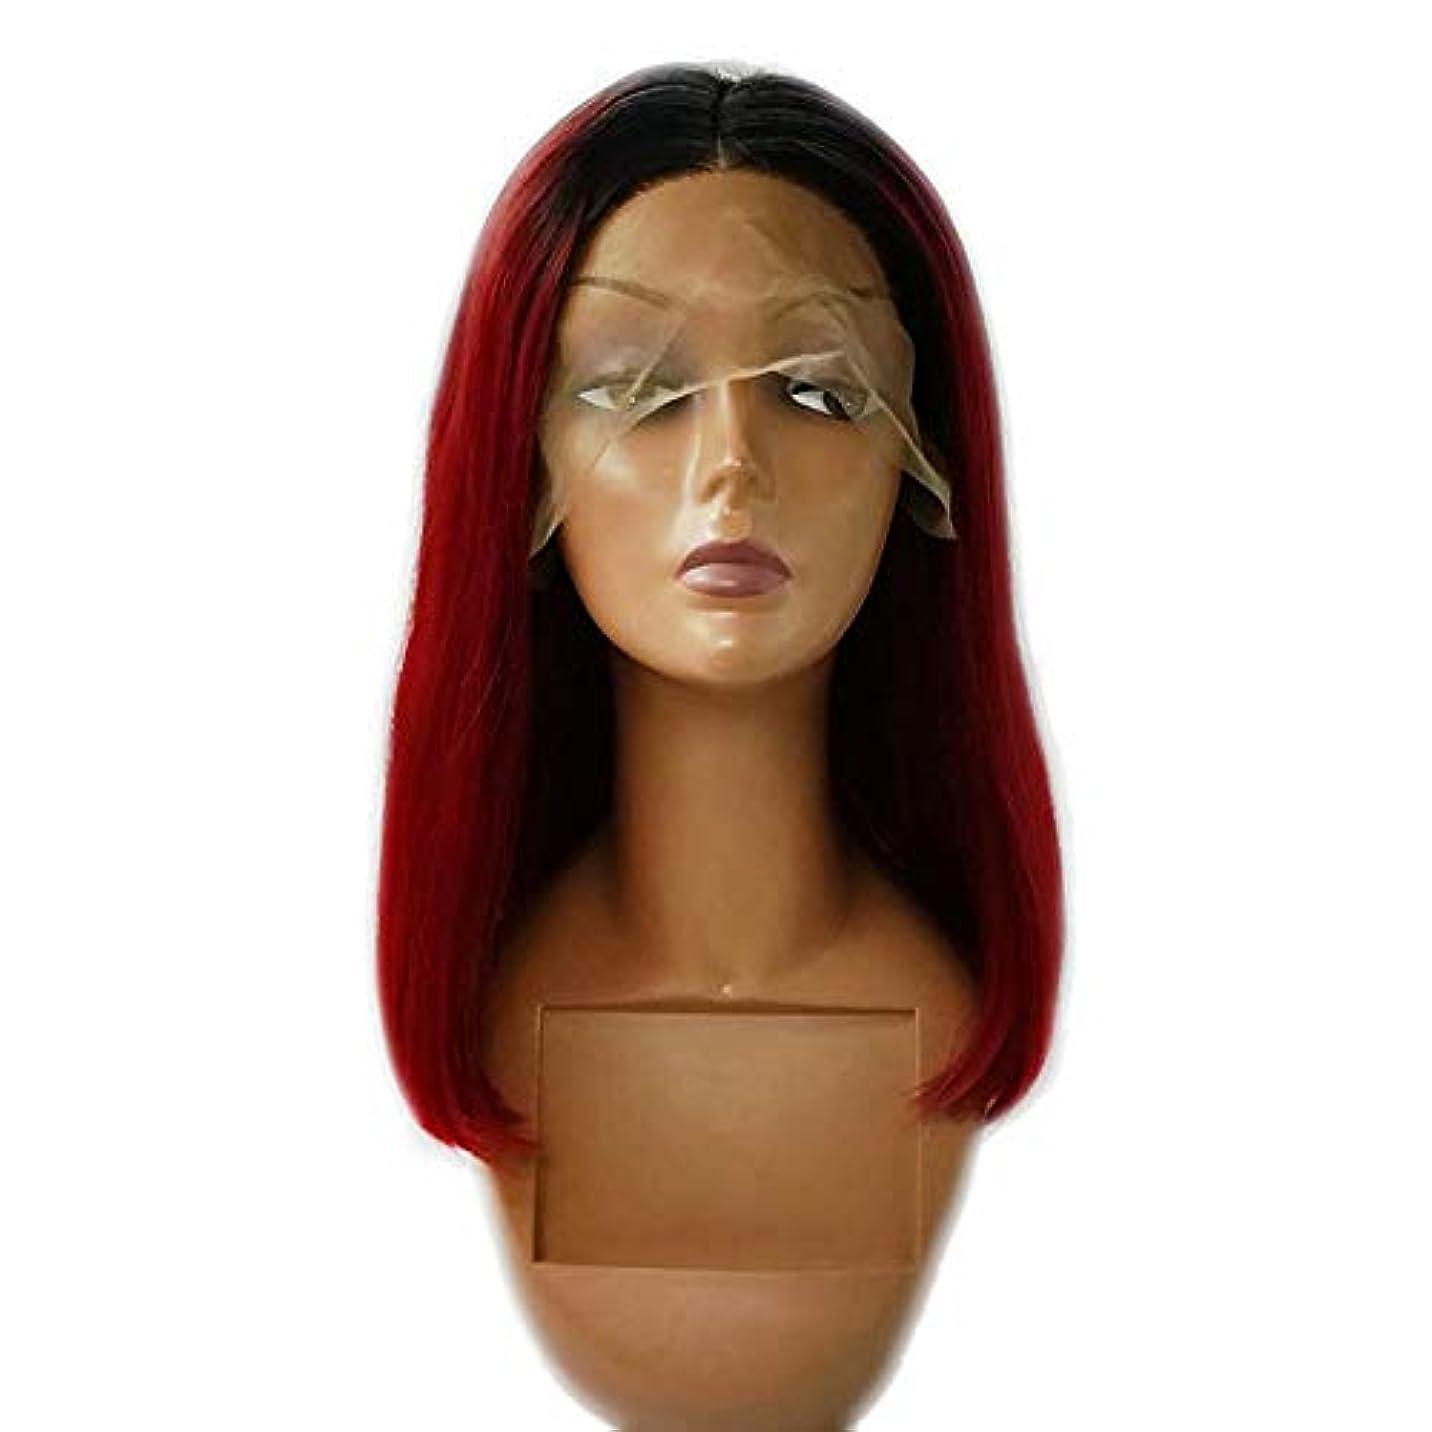 楽しむ乱気流ステレオタイプYOUQIU レッドボブショートストレートヘアー - 女性のかつらのためにレースのフロント合成かつら (色 : レッド)